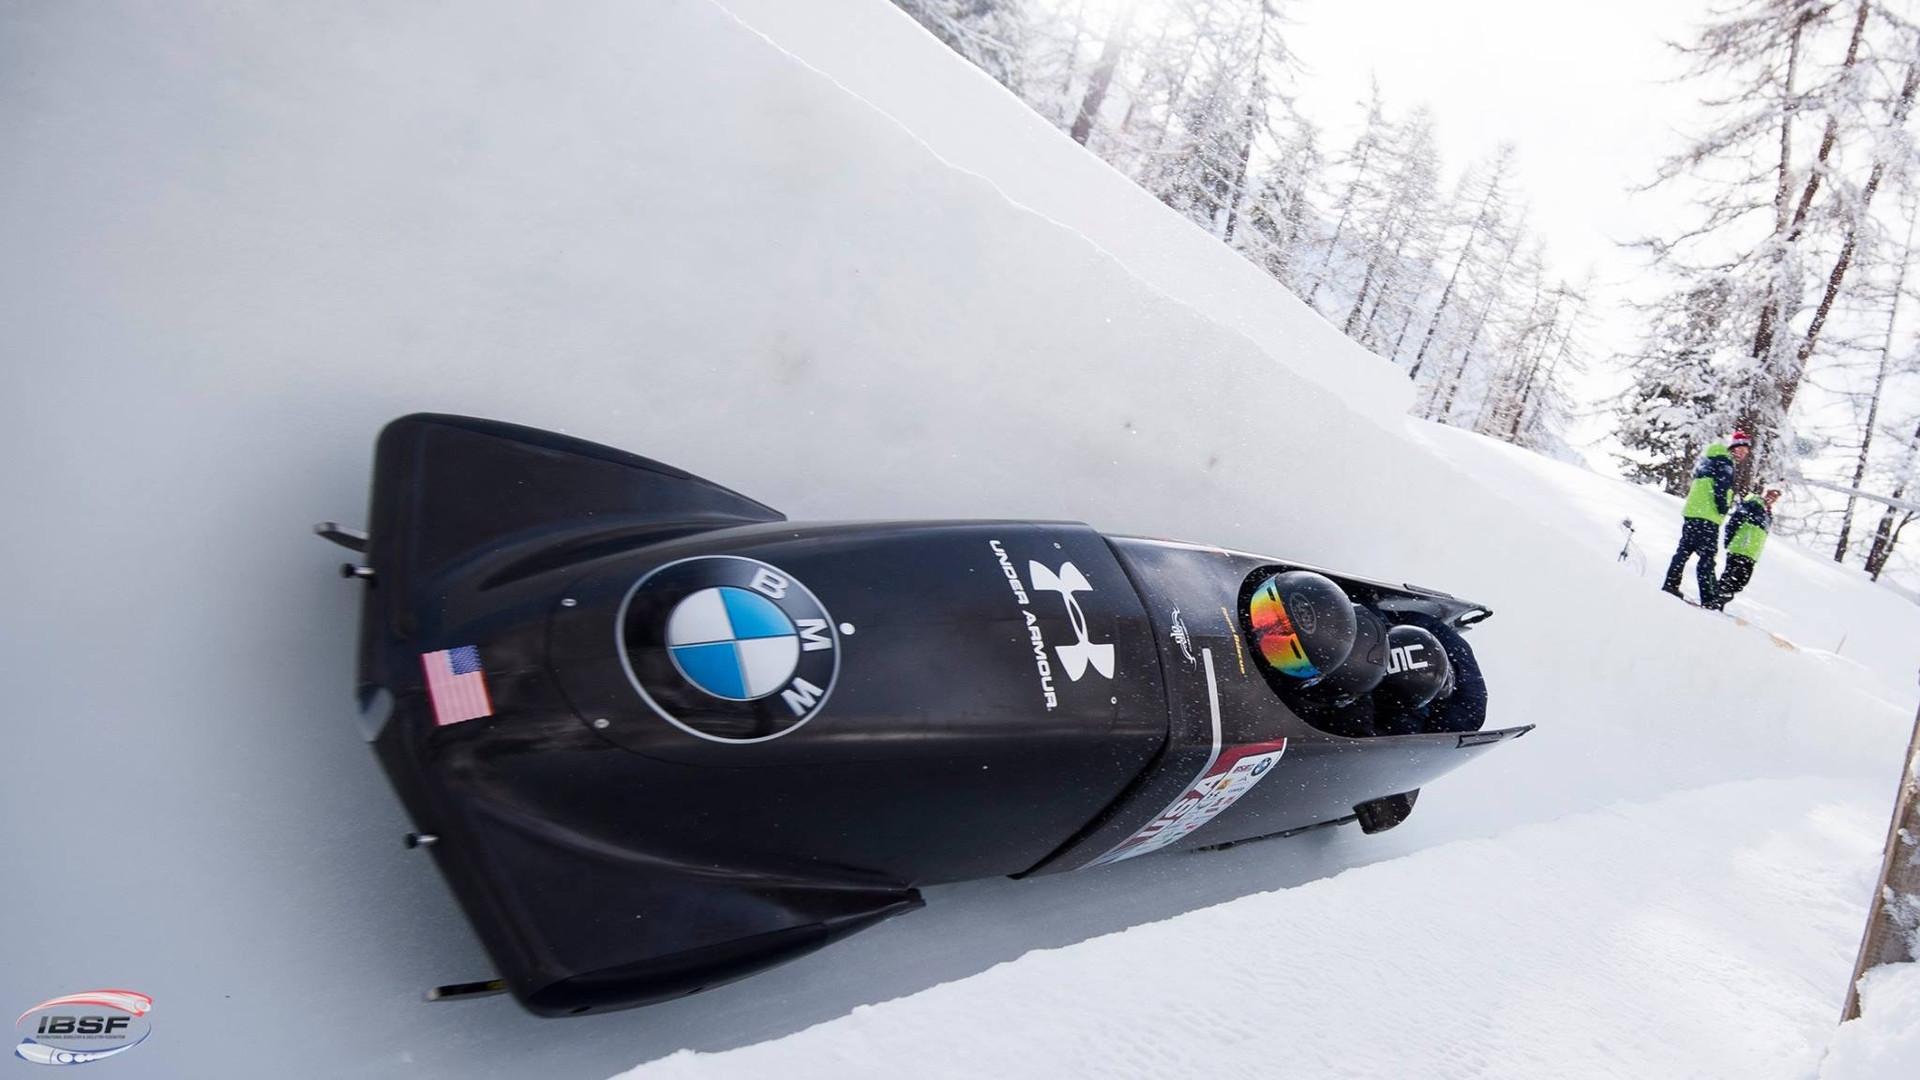 usabs carbon fiber bobsled